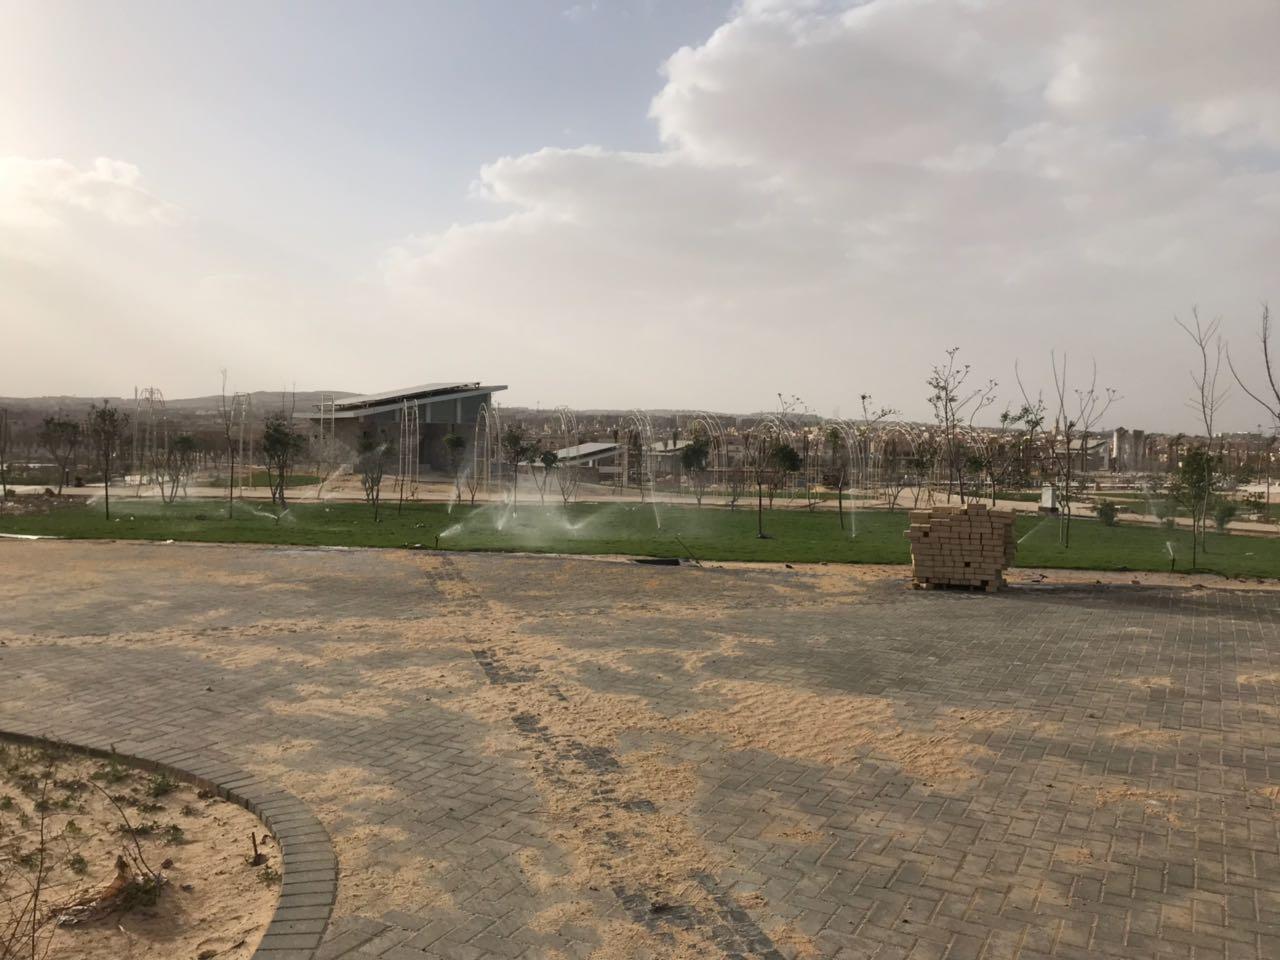 الحديقة المركزية بمدينة الشيخ زايد  (9)